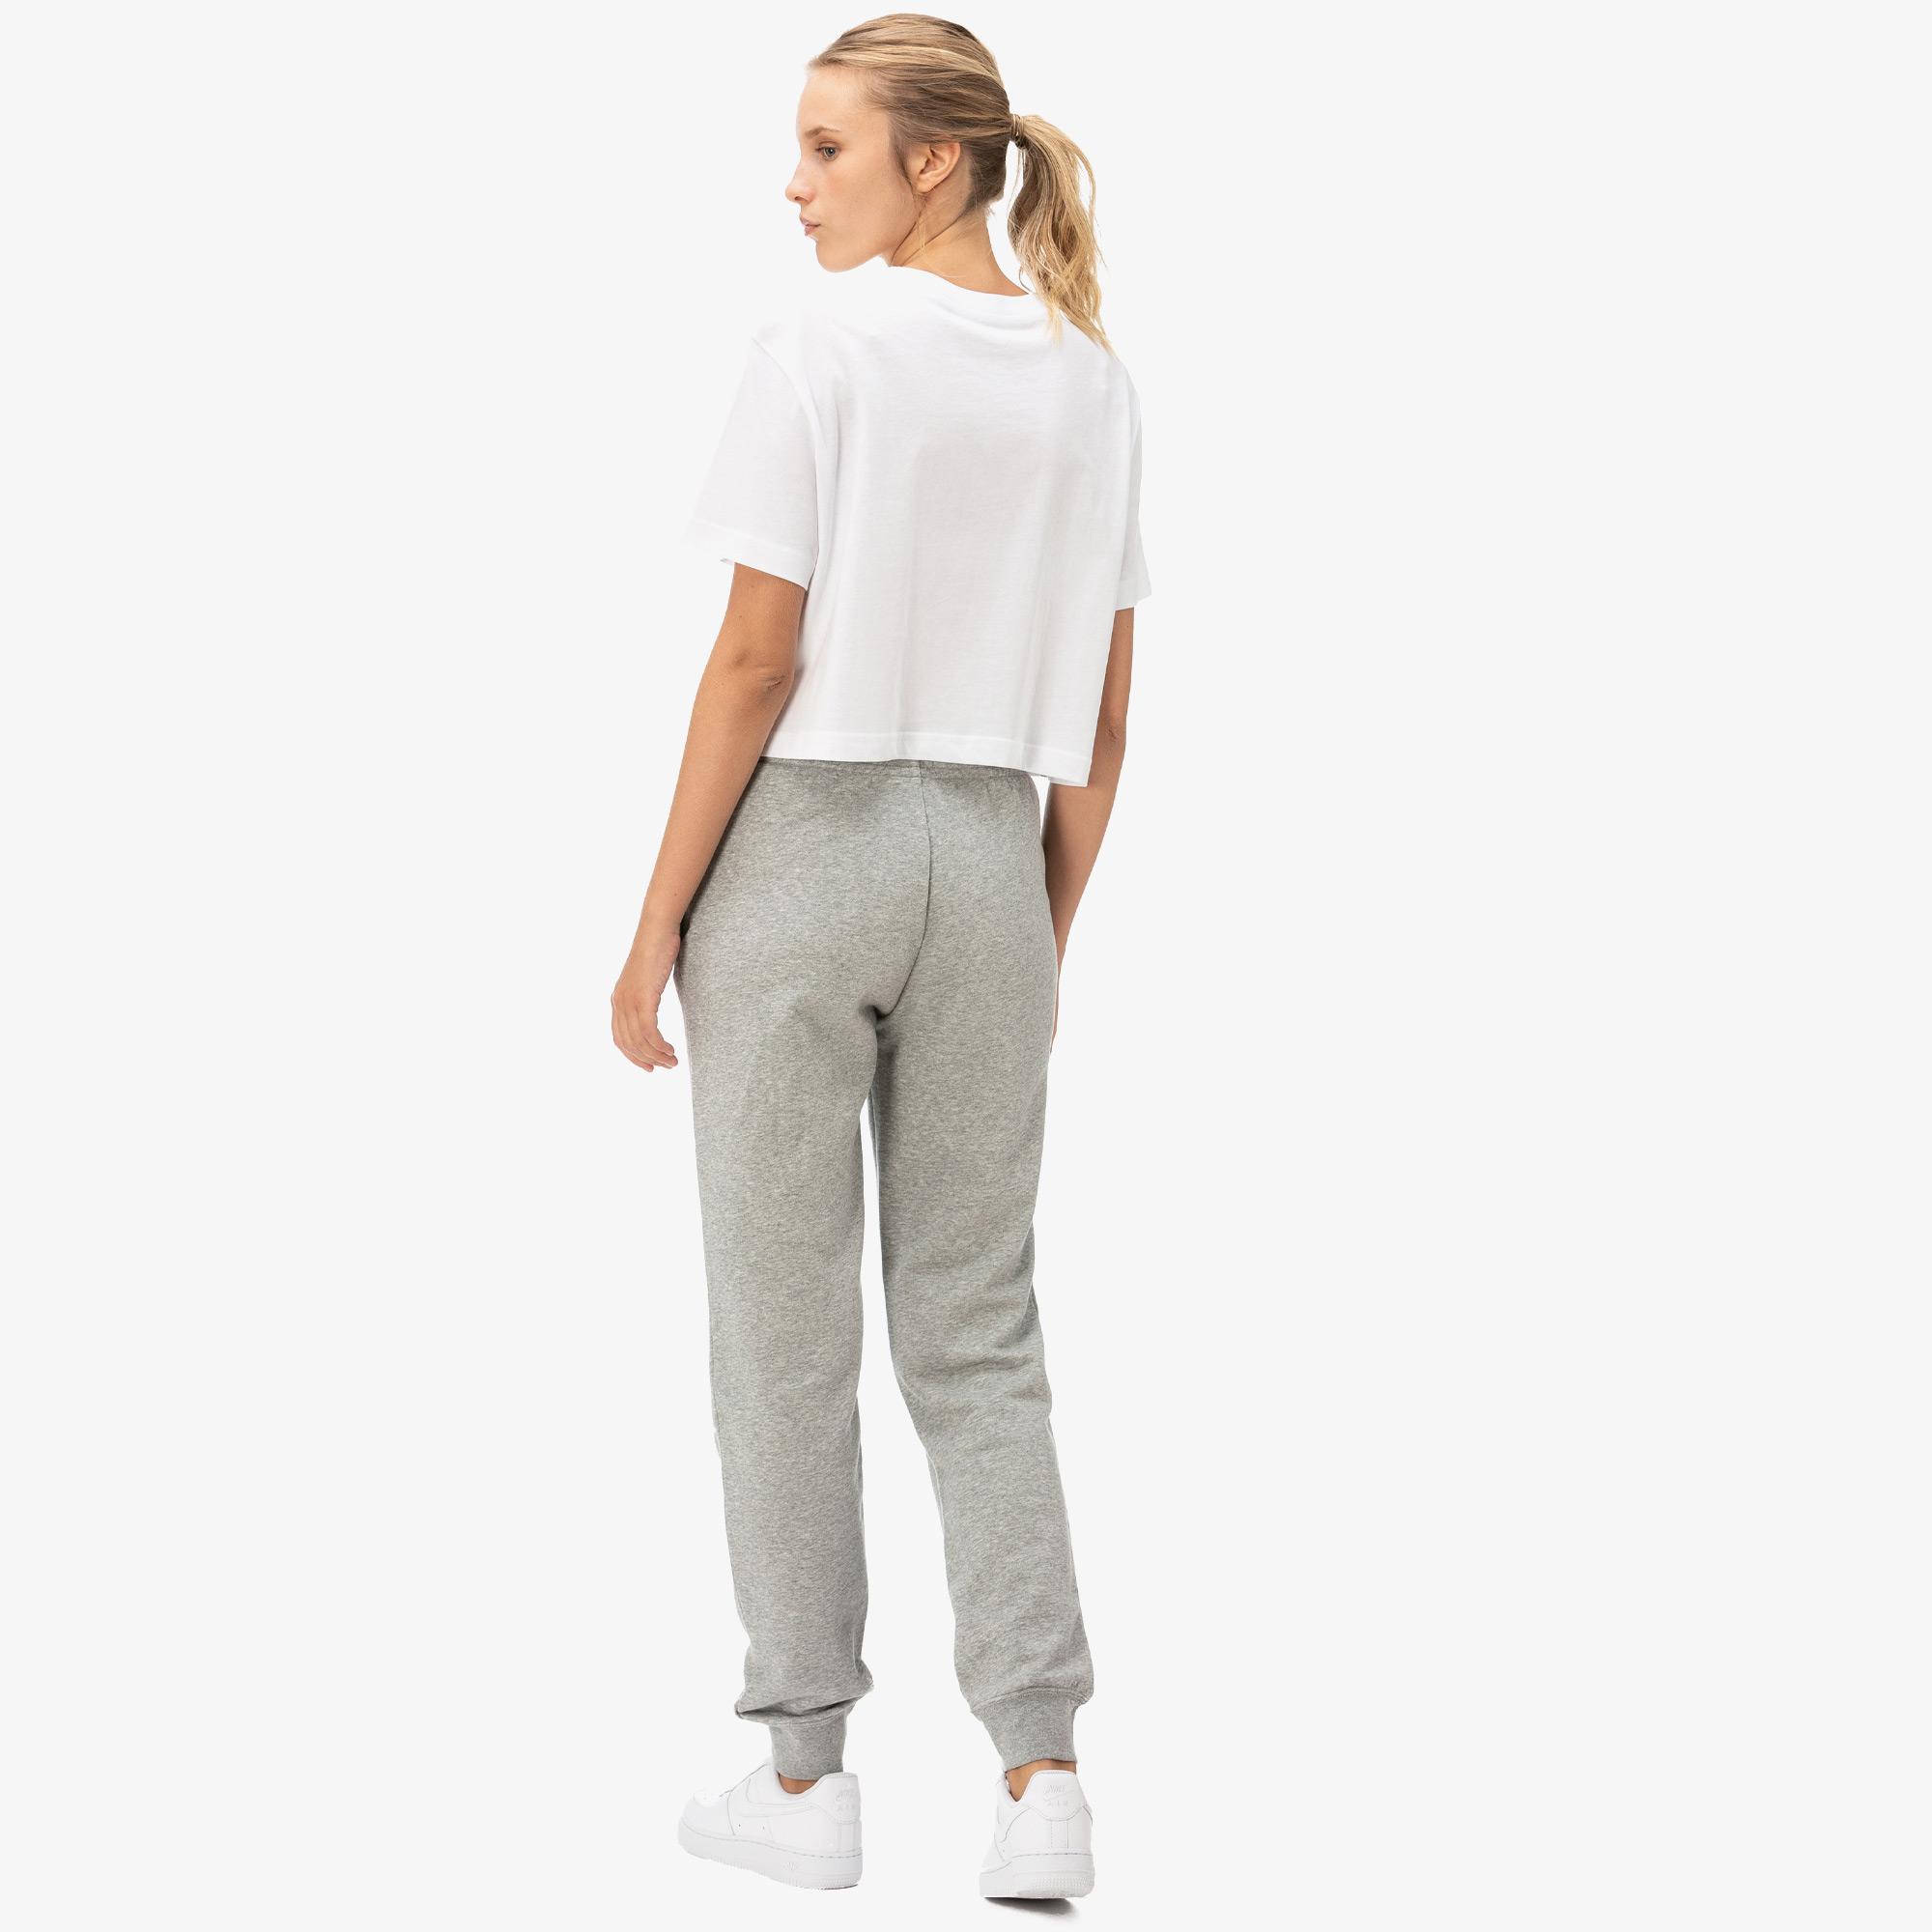 Nike Essntl Pant Reg Flc Kadın Gri Eşofman Altı